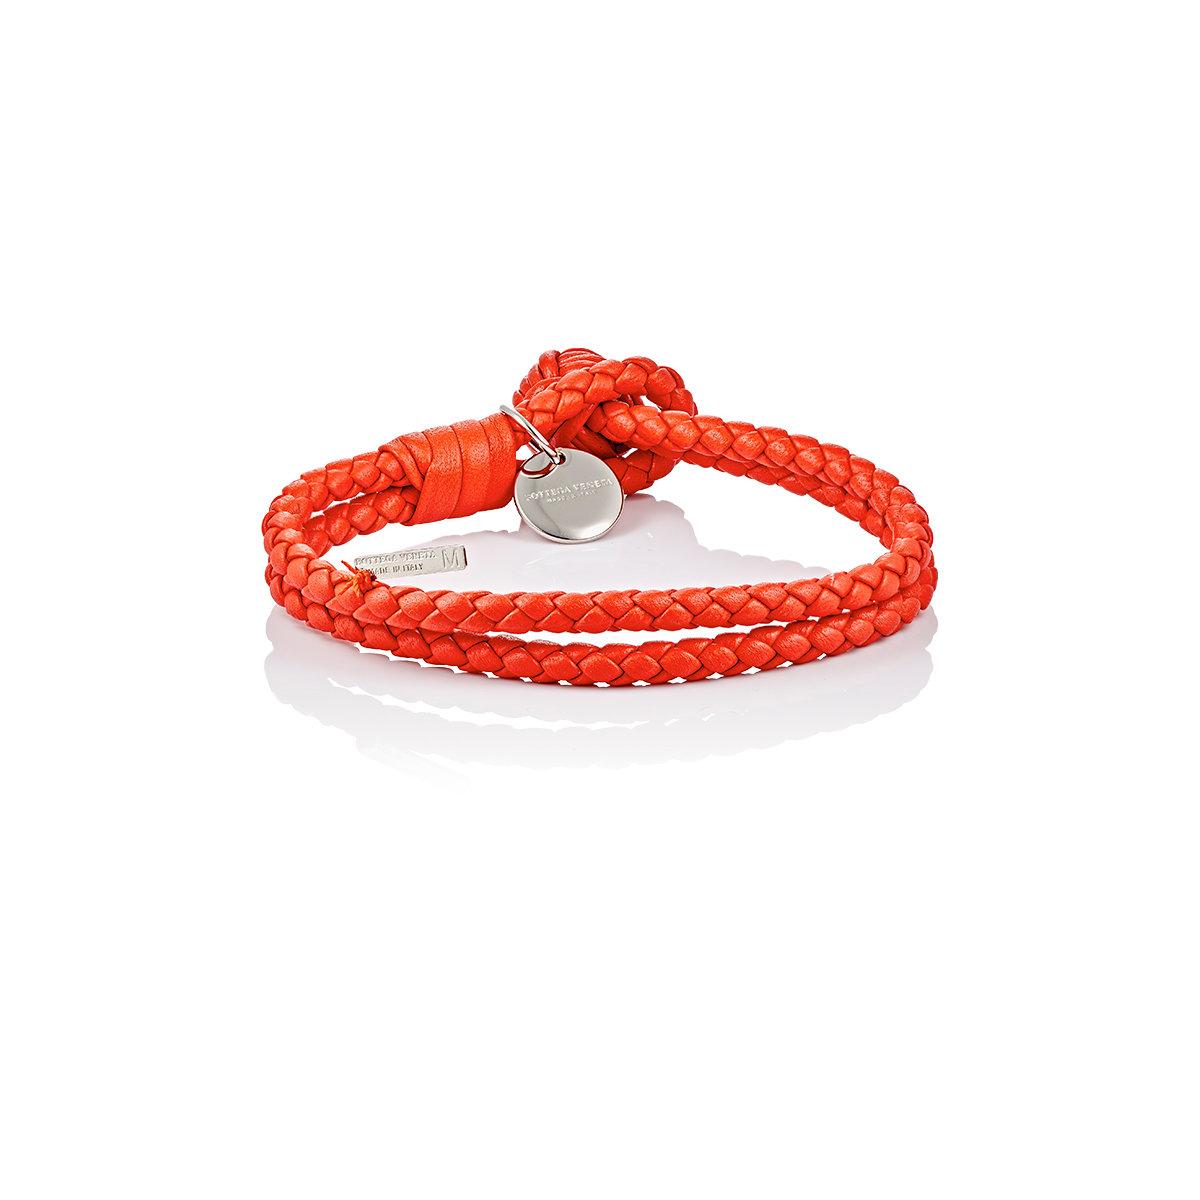 Bottega Veneta Intrecciato Leather Double Band Bracelet In